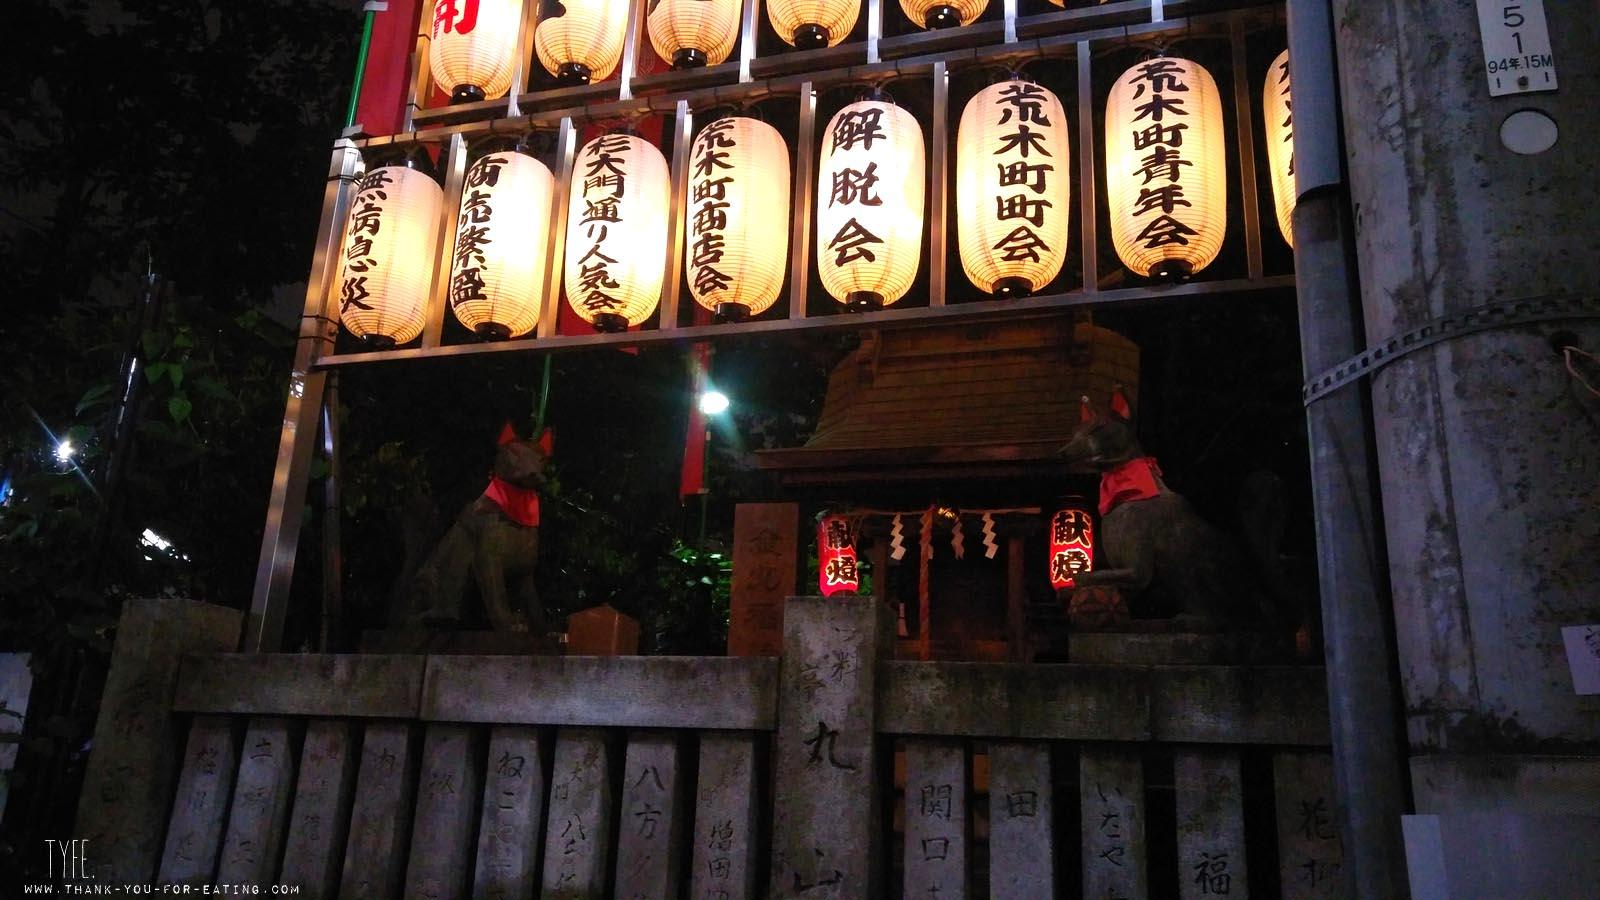 Tipps für Japan-Reise